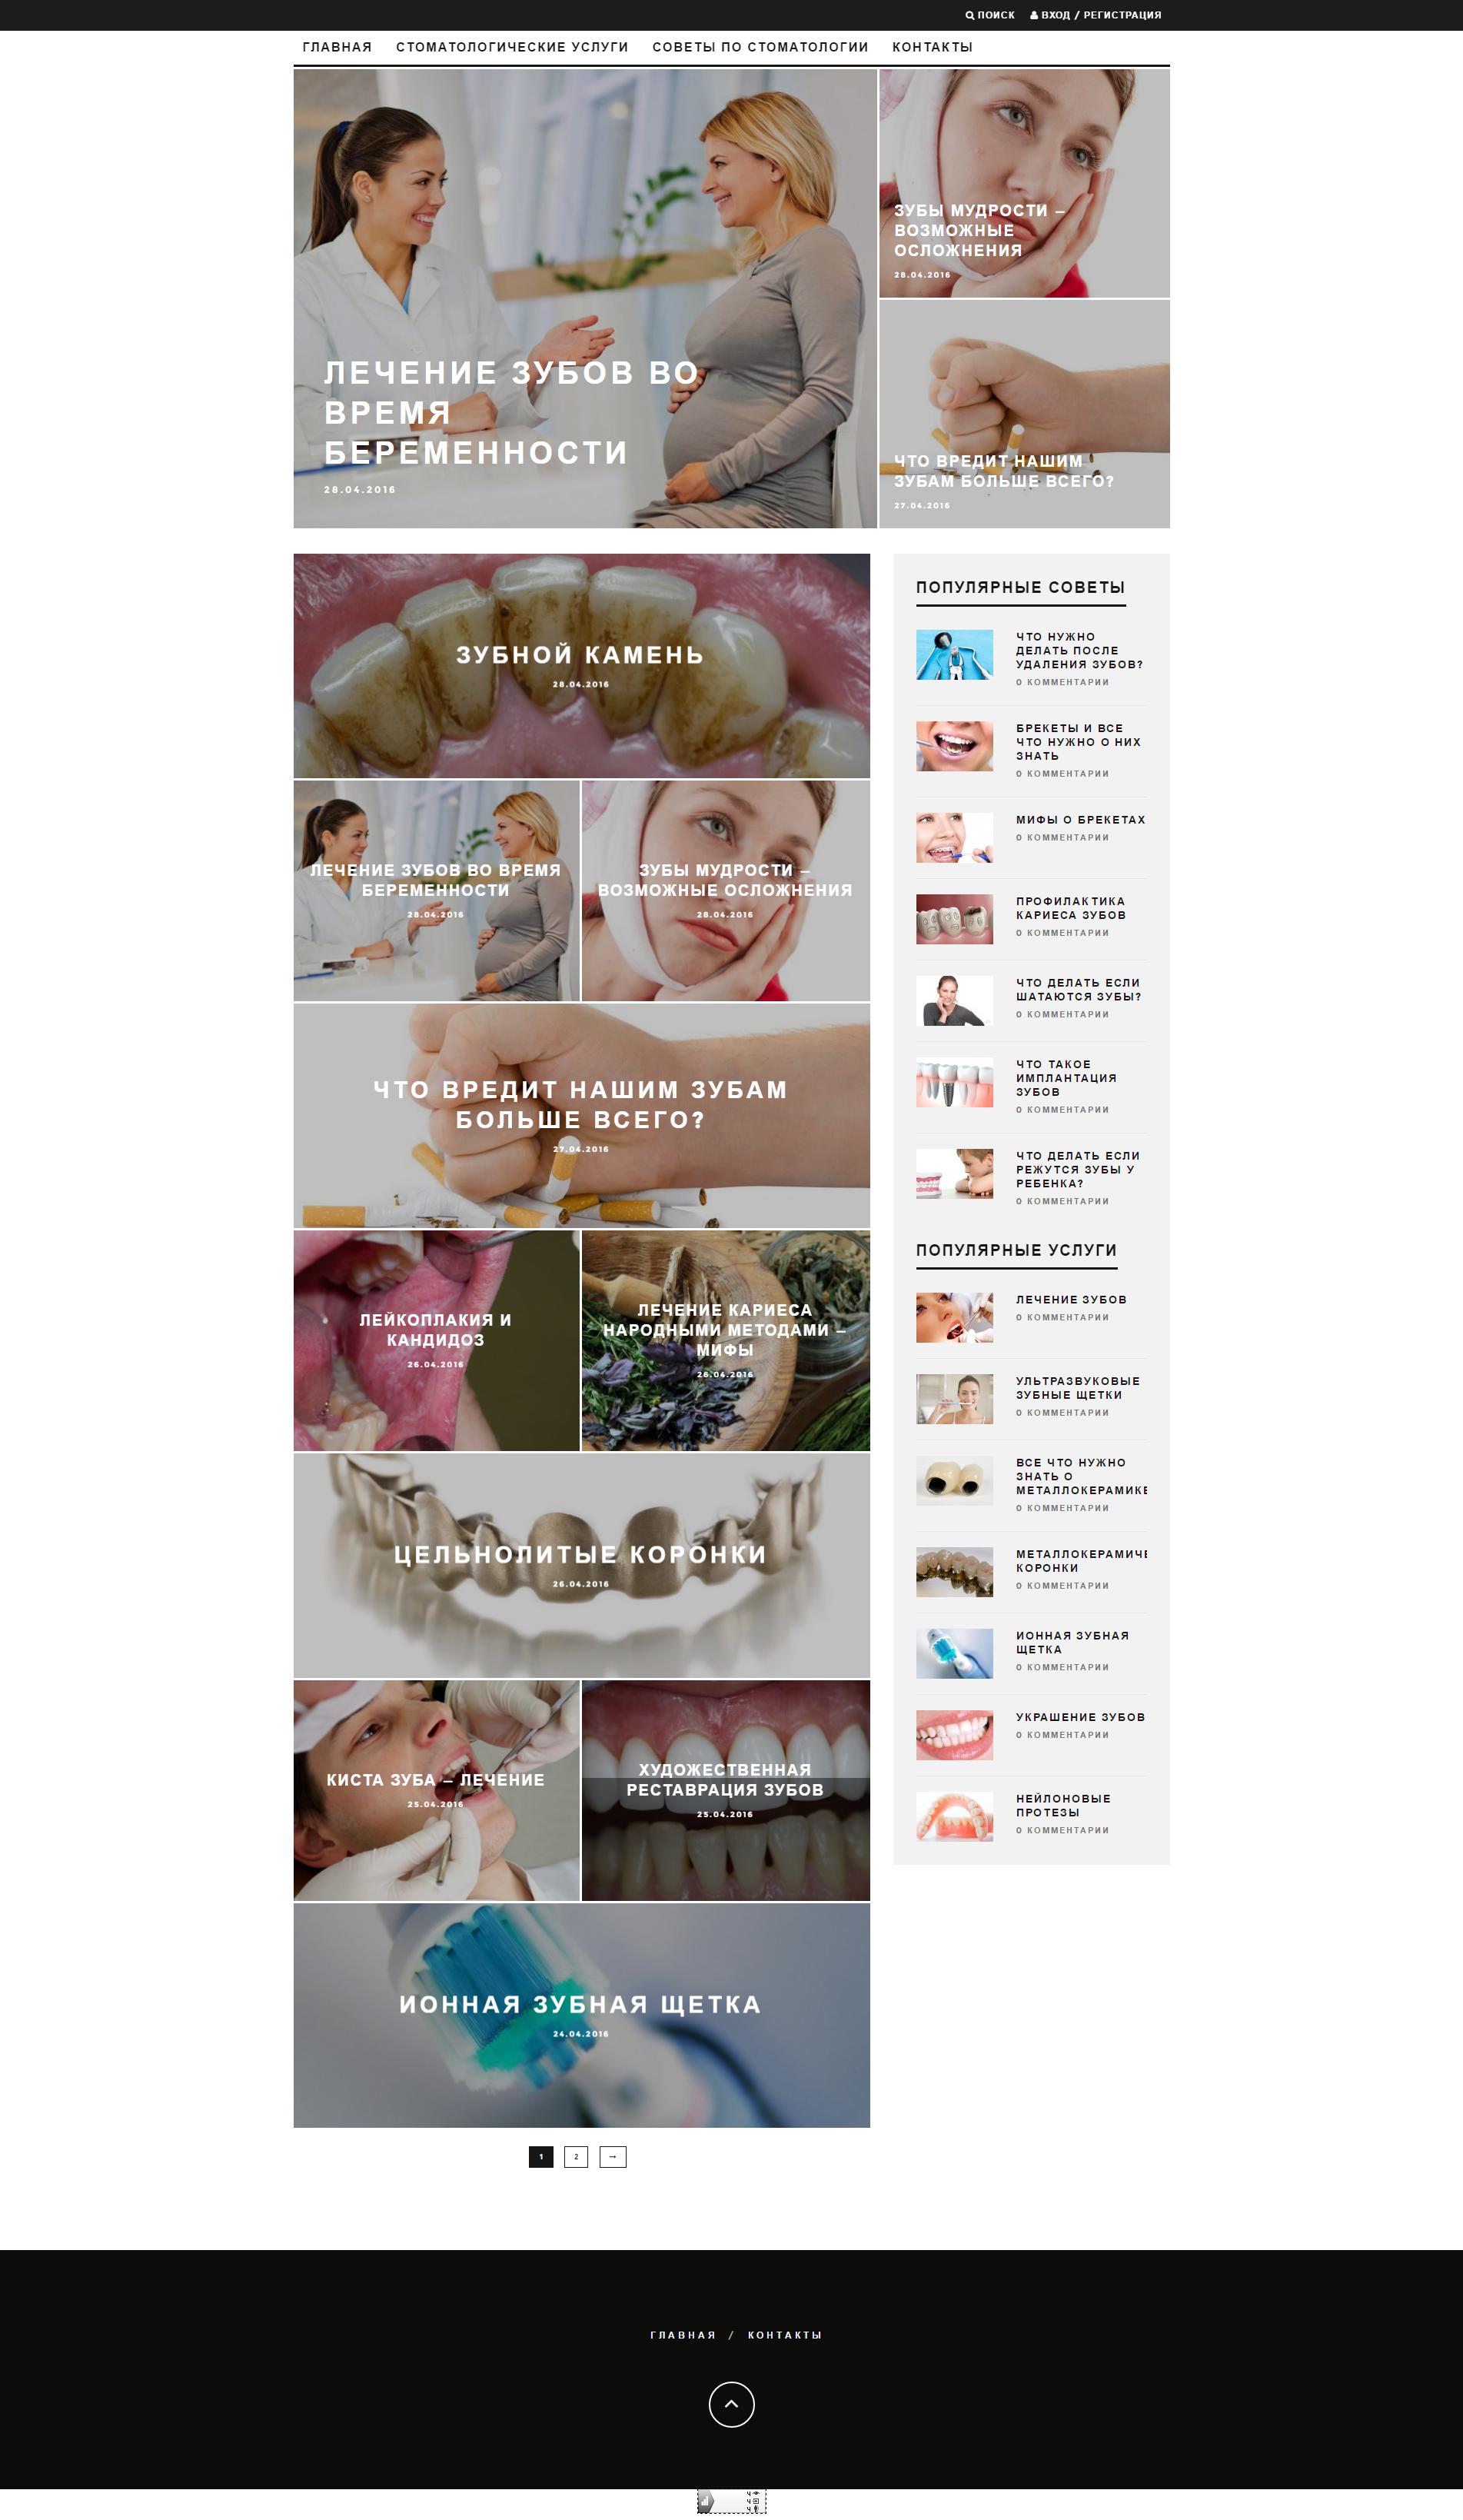 Создание стоматологического портала